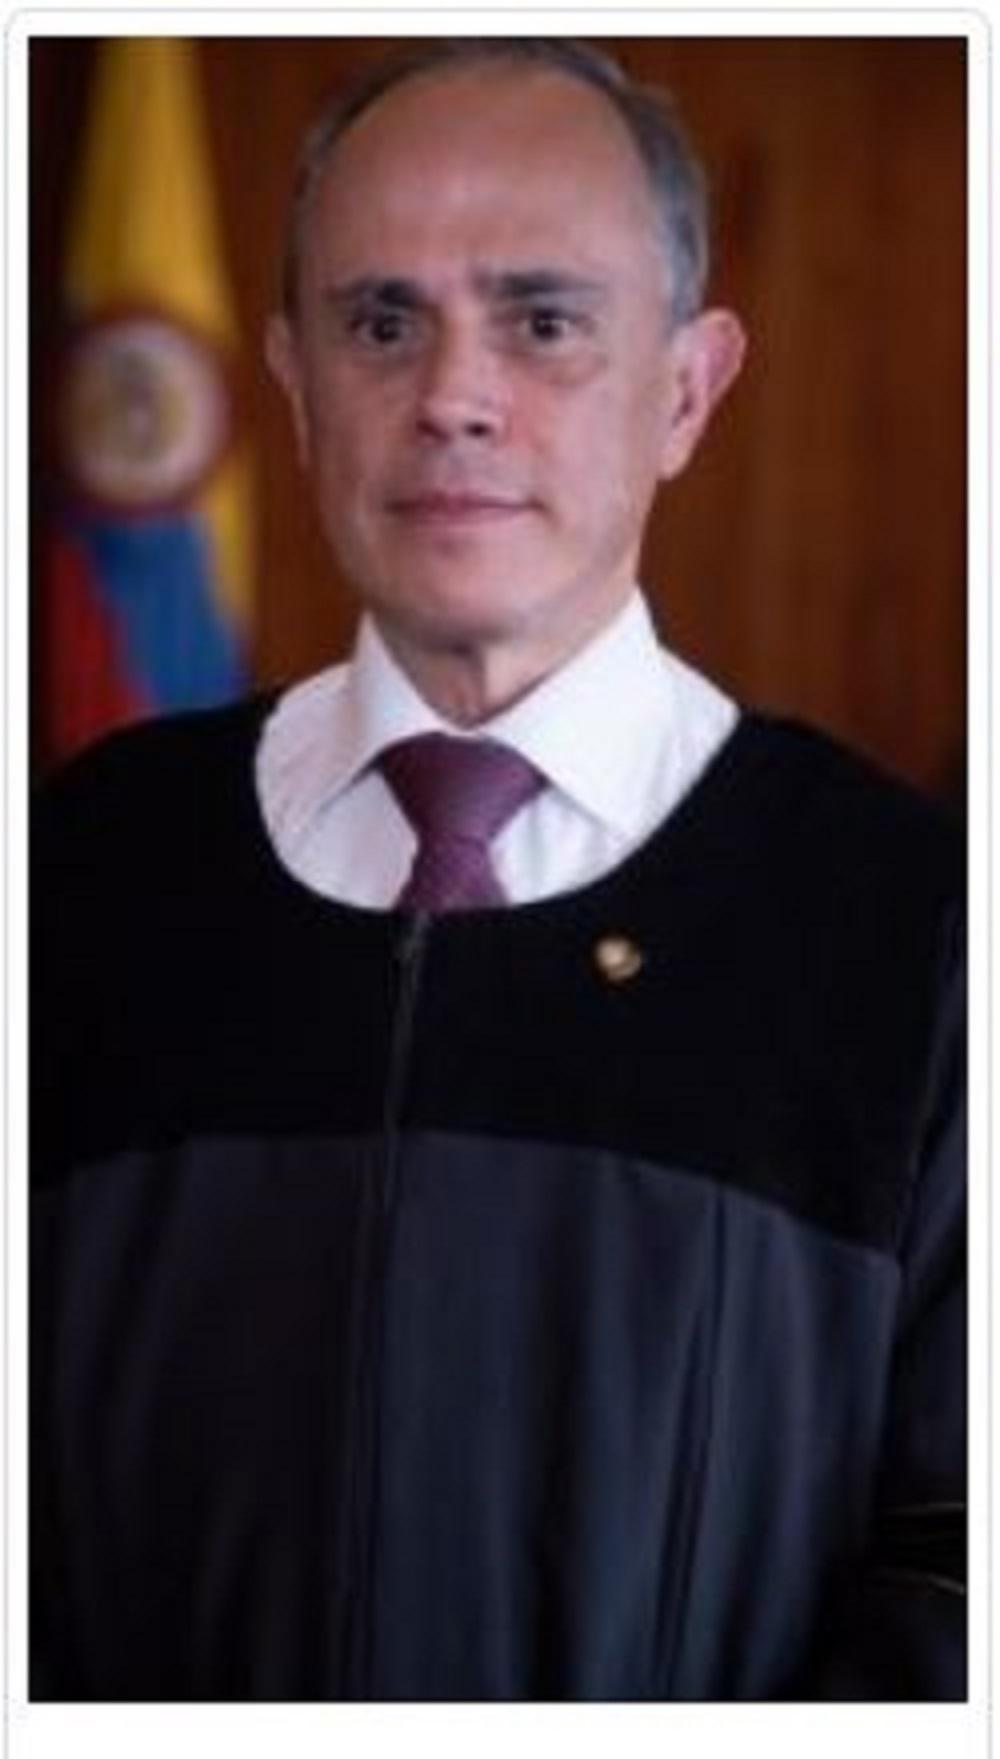 El magistrado Marco Antonio Rueda Soto es un juez de carrera y ocupó el cargo de magistrado del Tribunal Superior de Bogotá, en donde emitió condenas en procesos contra carteles de la corrupción.